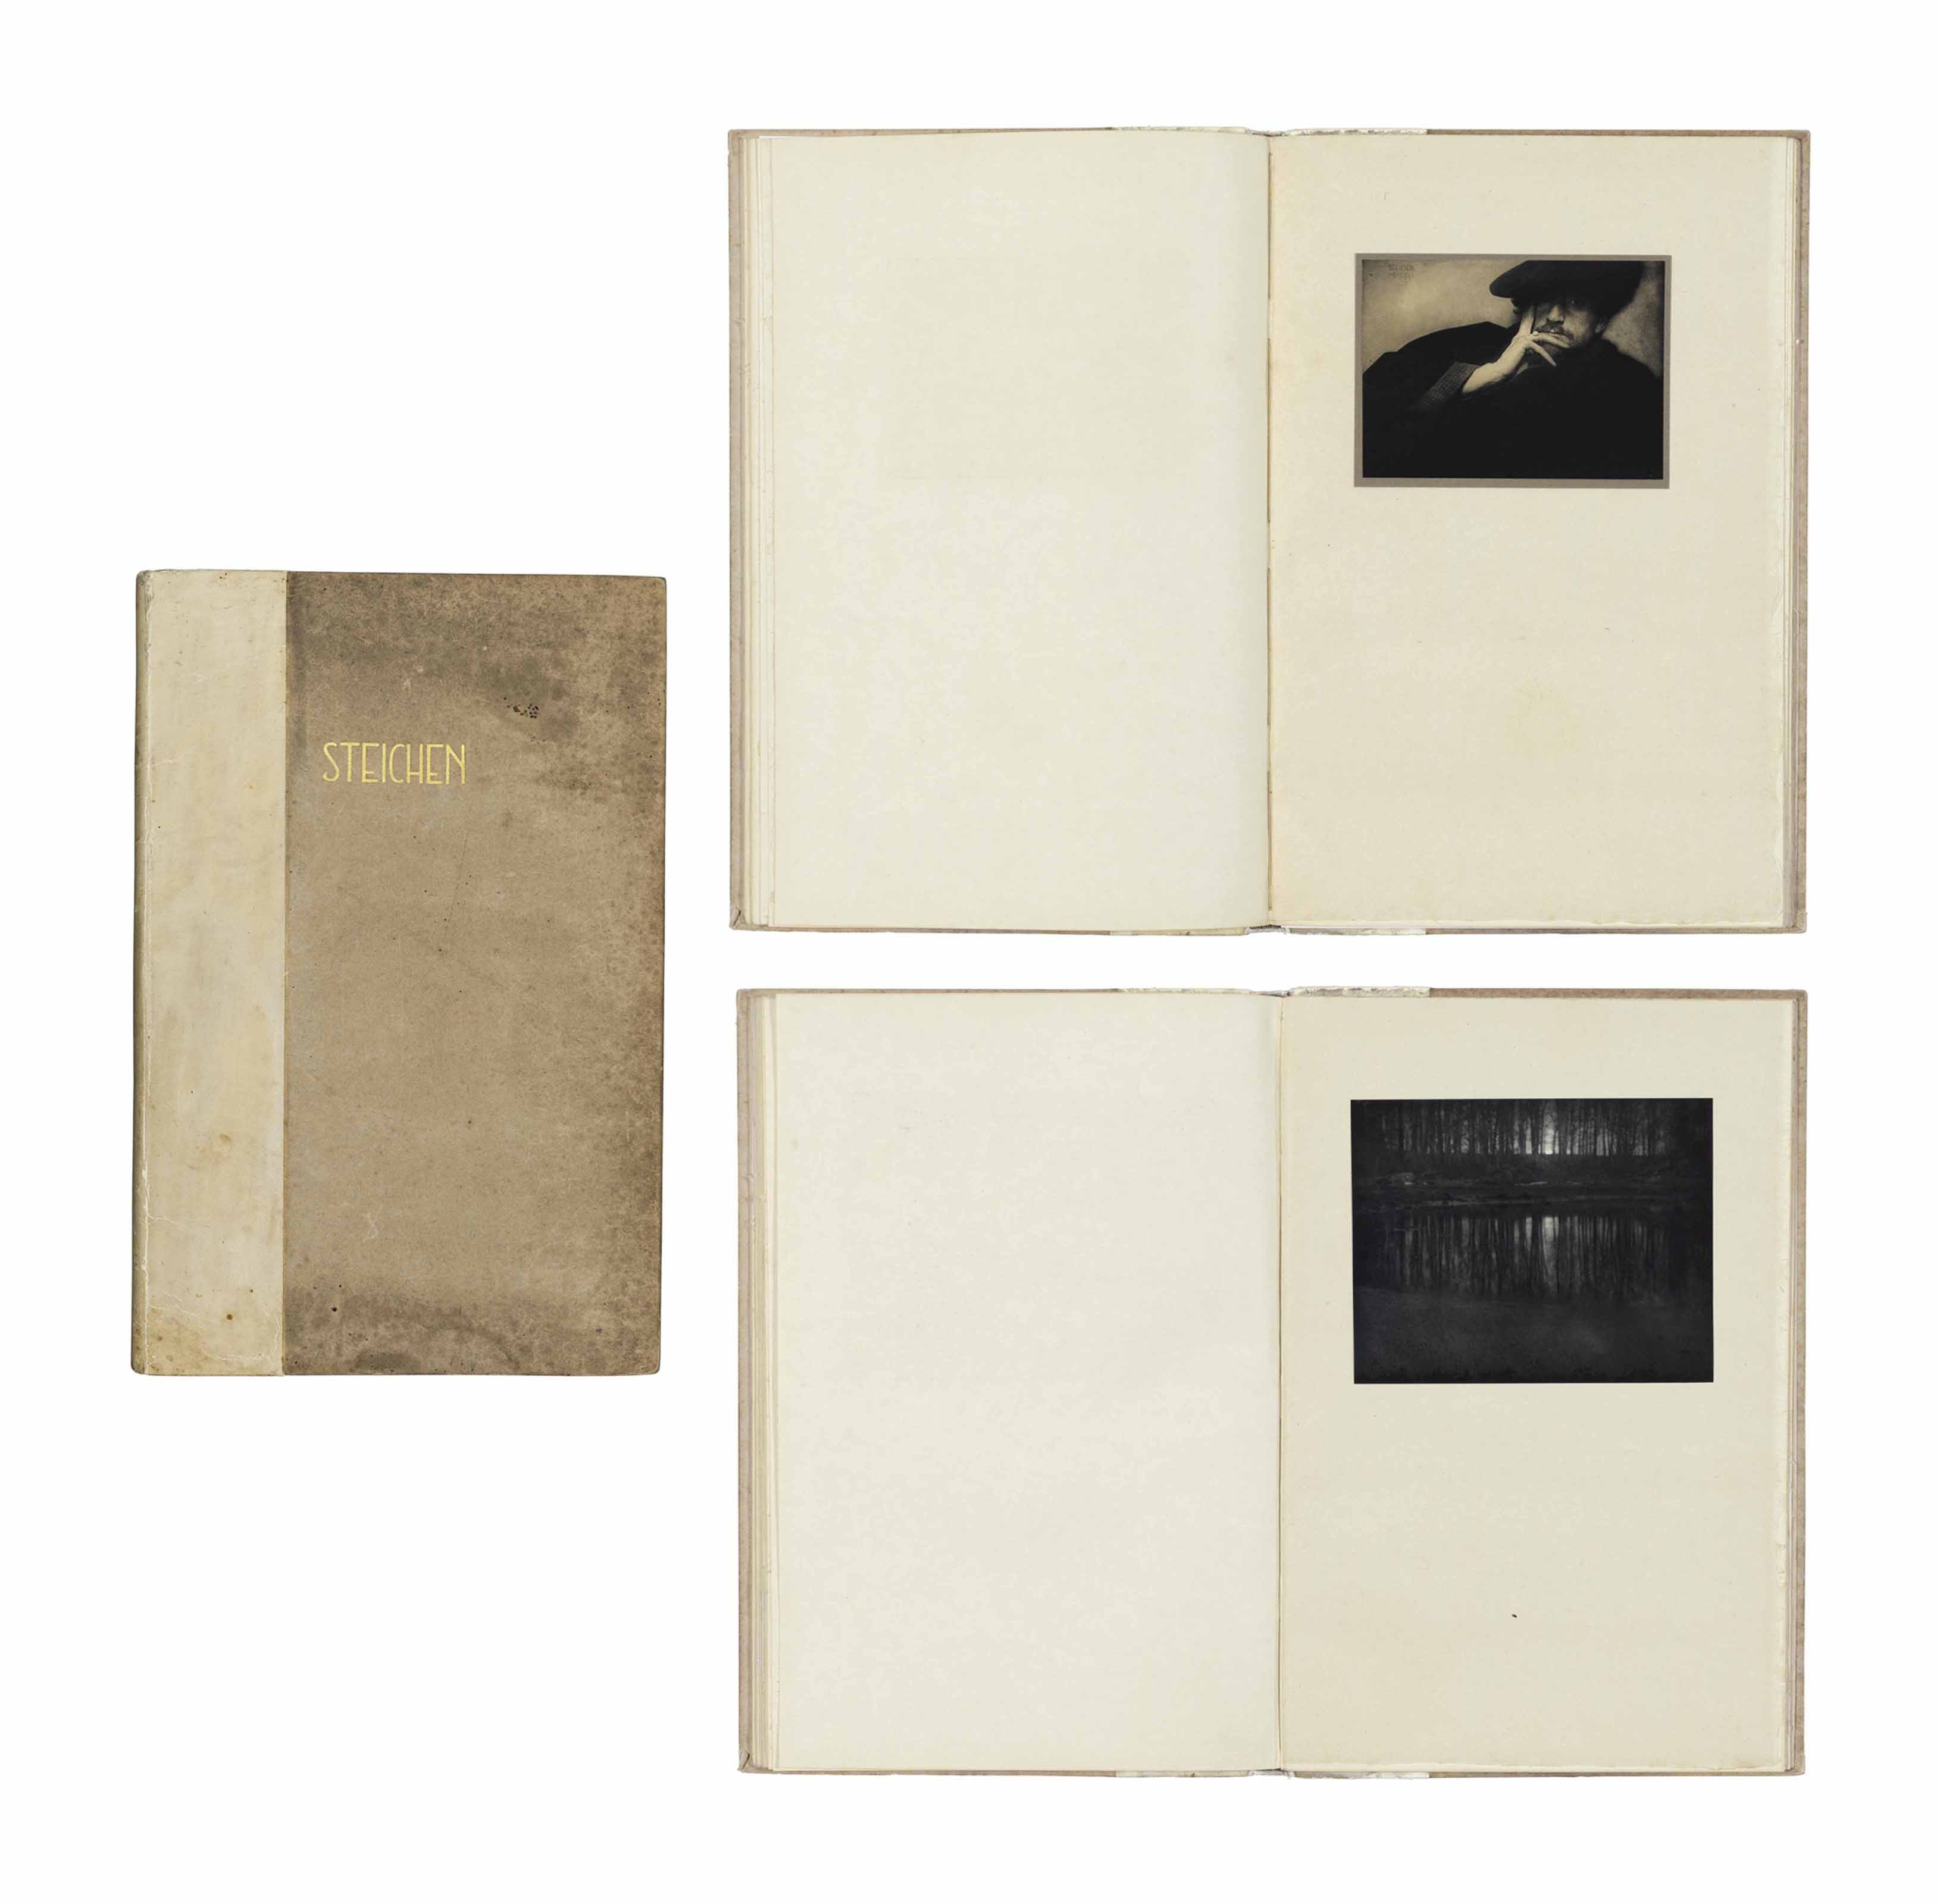 Steichen [The Steichen Book]